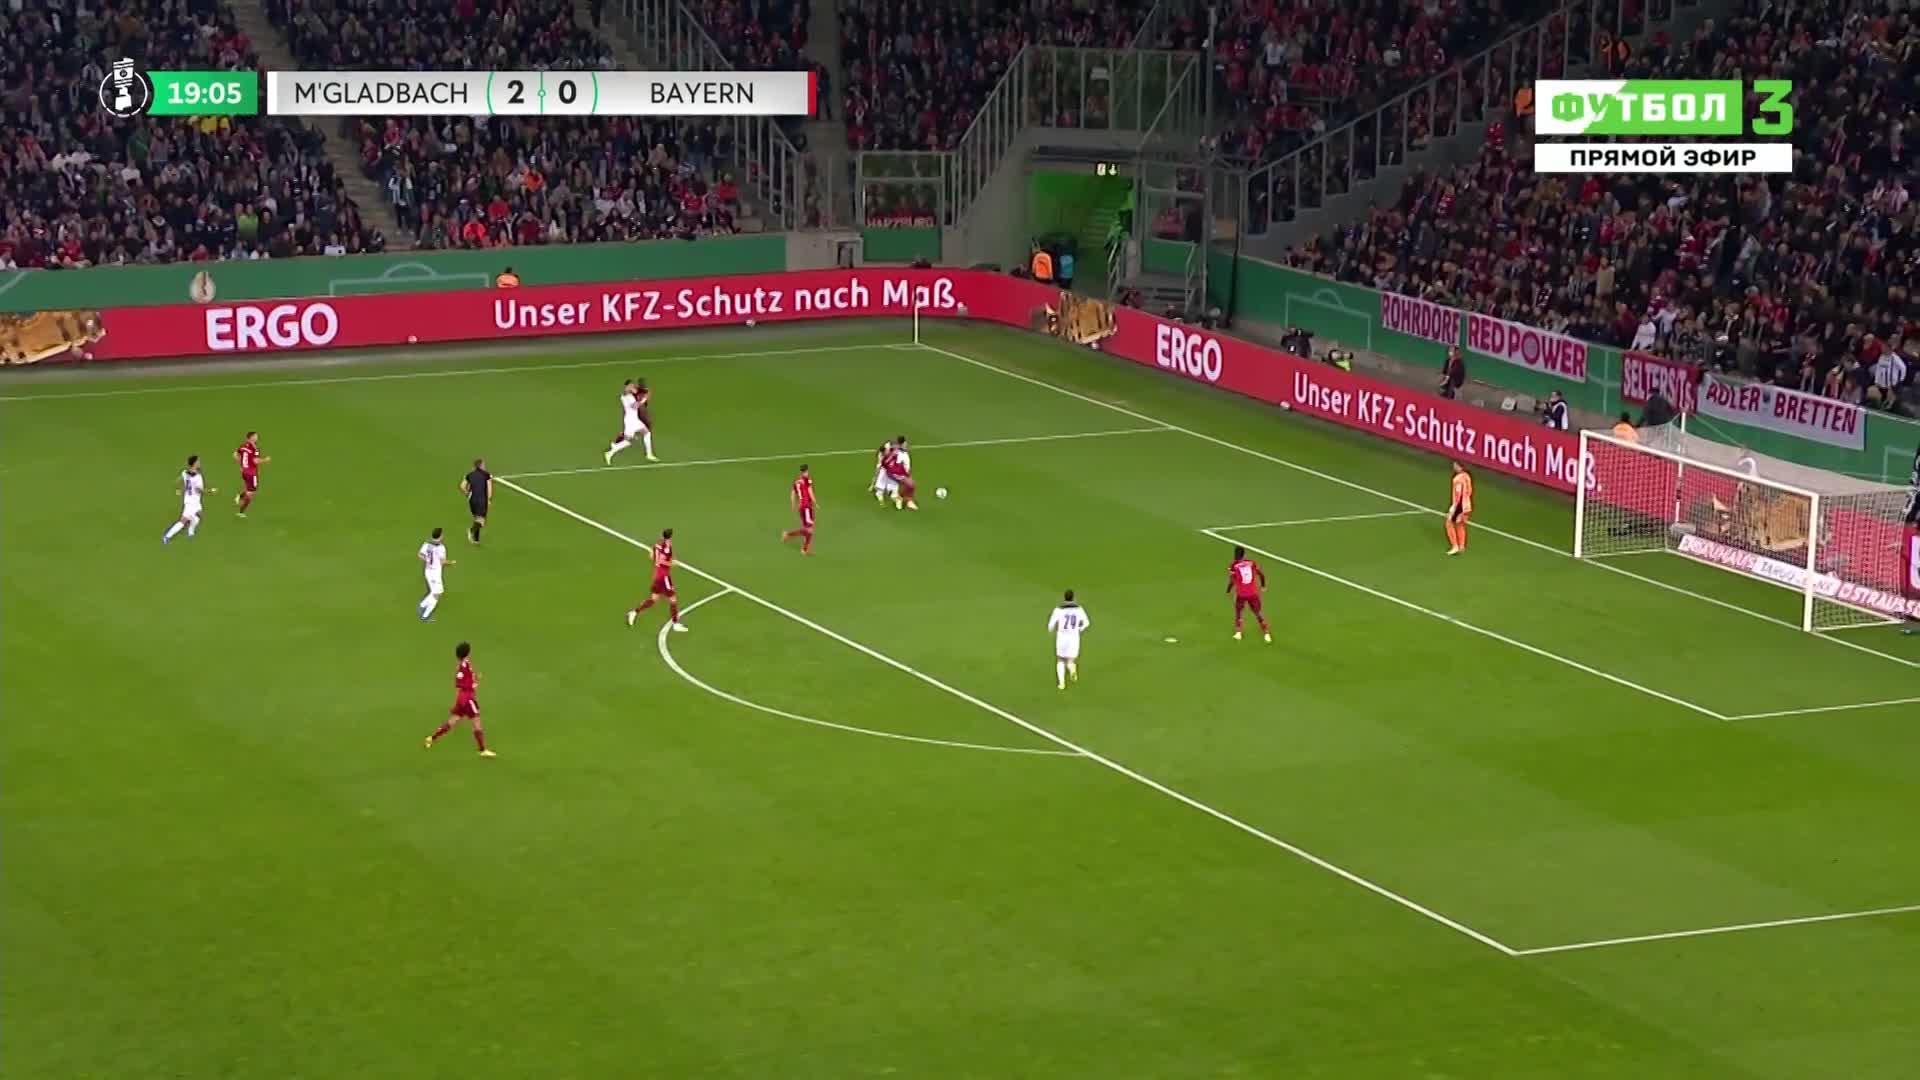 拜仁开场21分钟0-3落后!本塞拜尼点射破门梅开二度